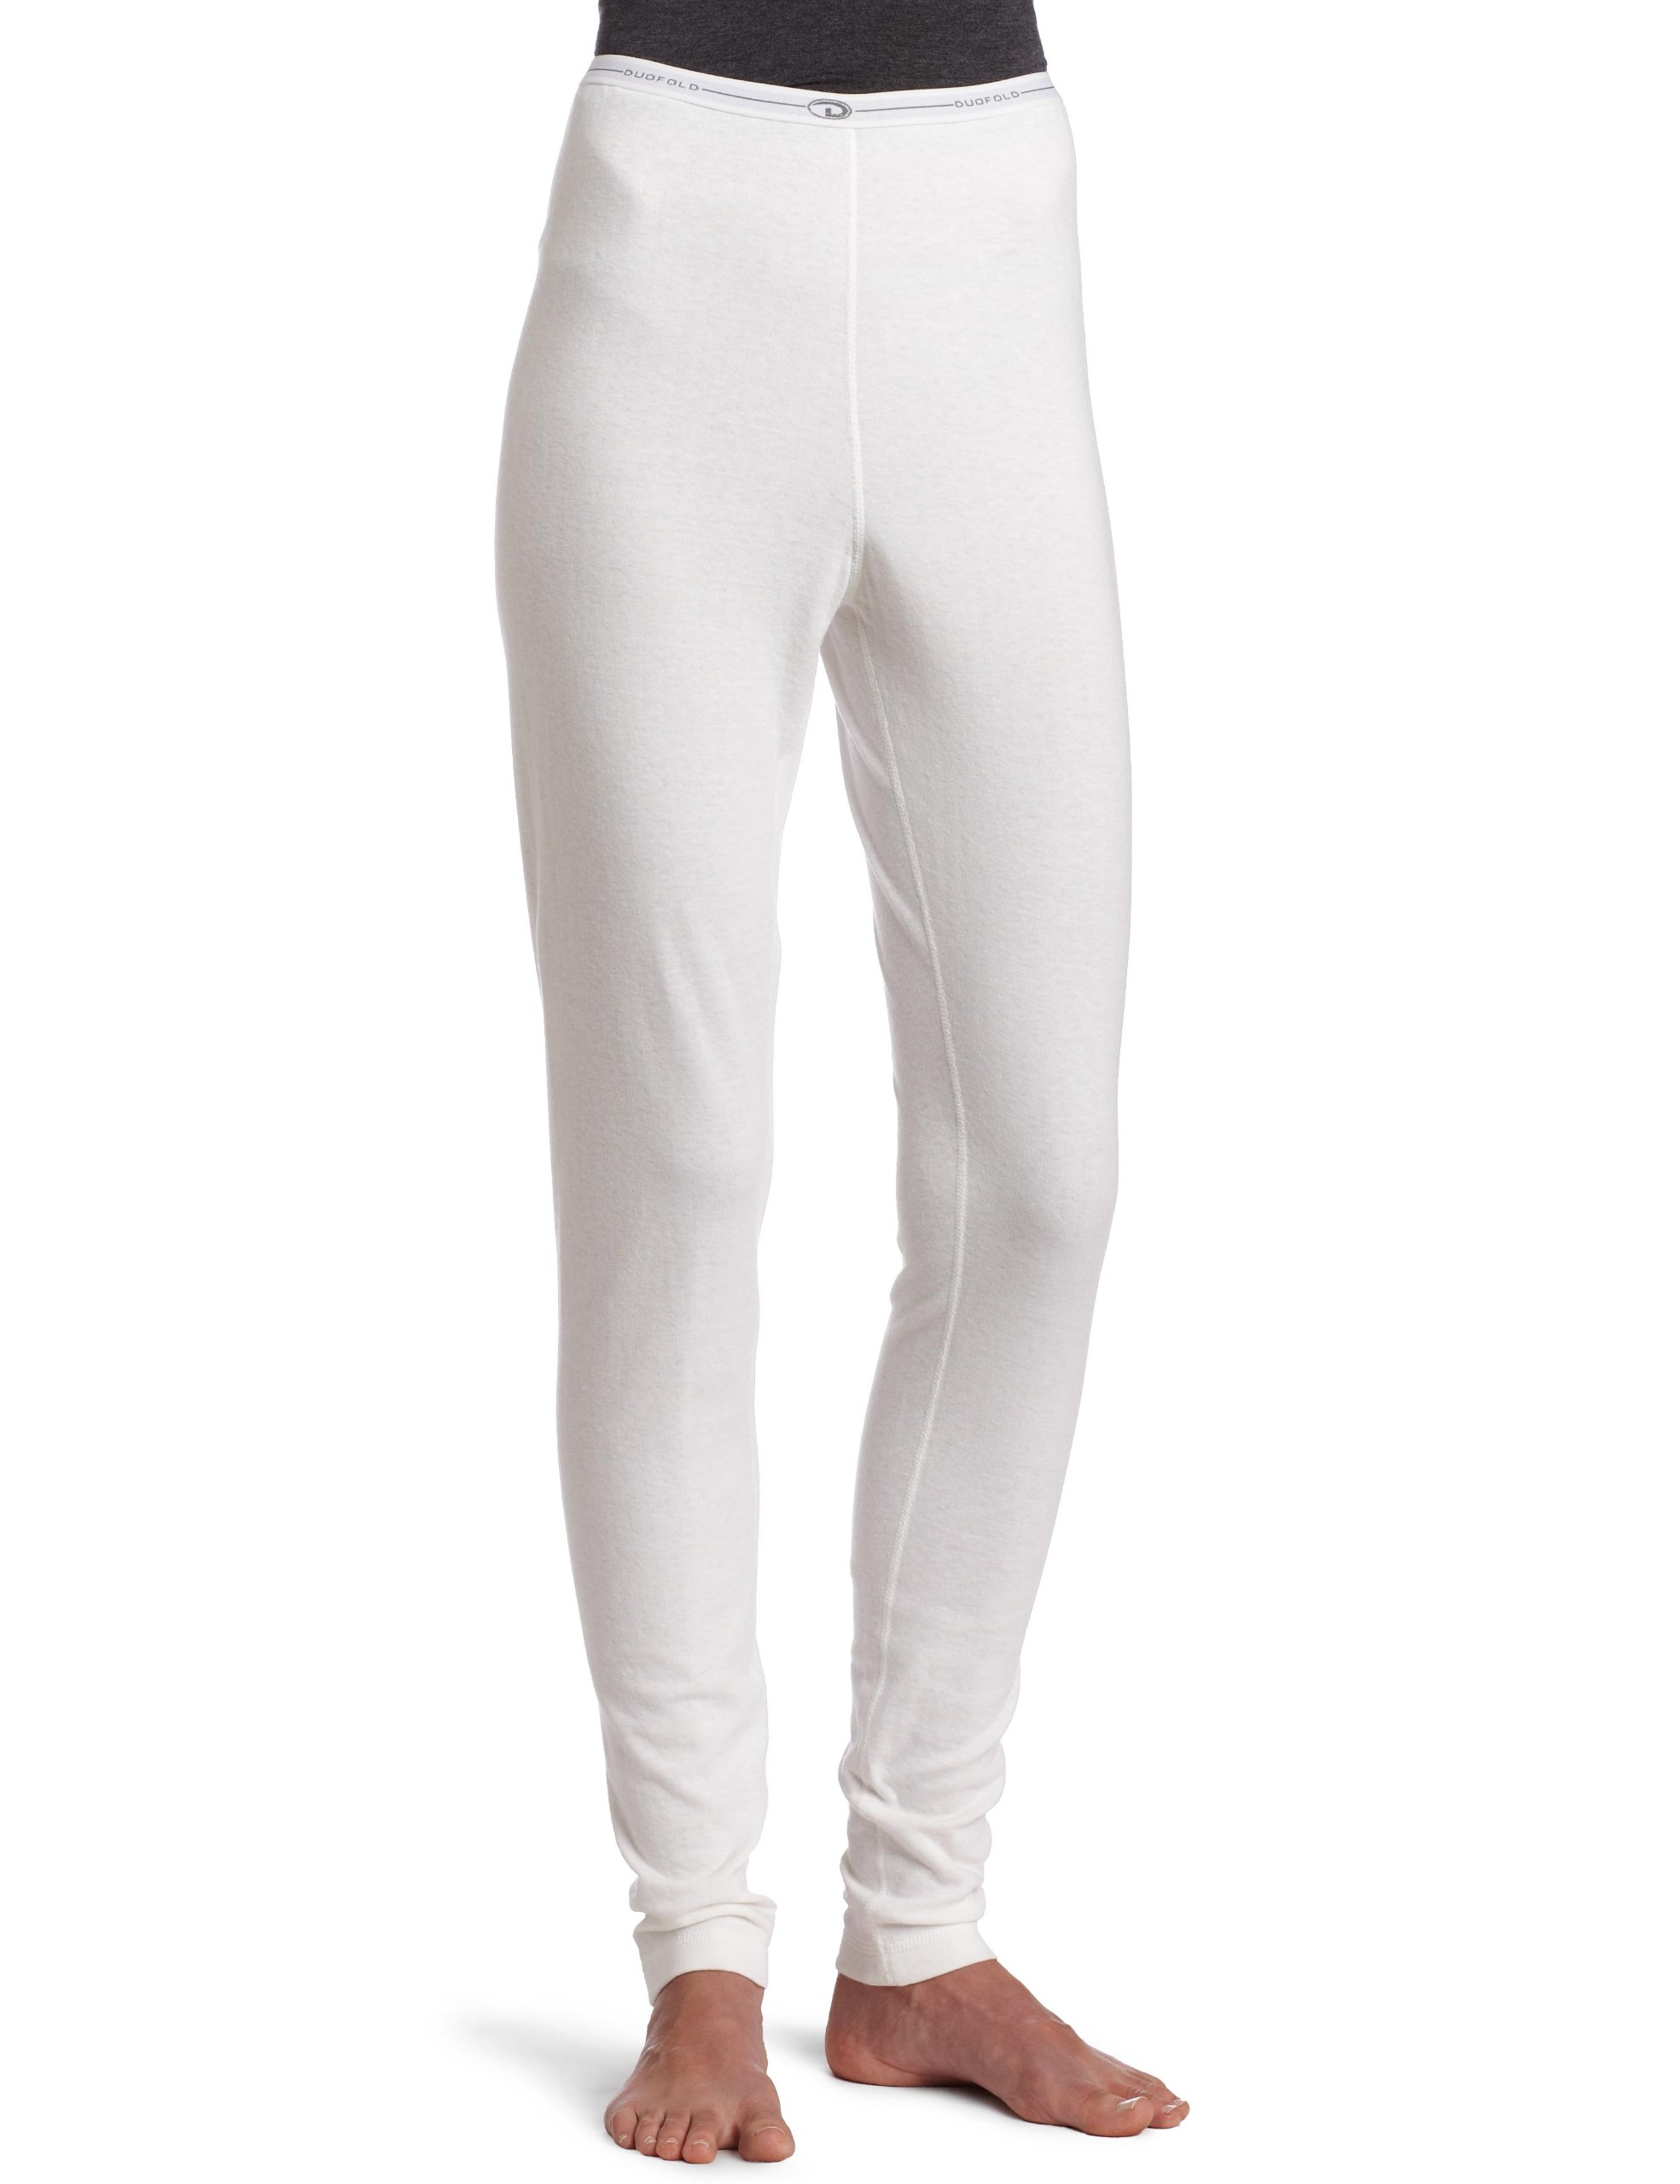 Duofold Women's Mid-Weight Bottom, Winter White, Medium